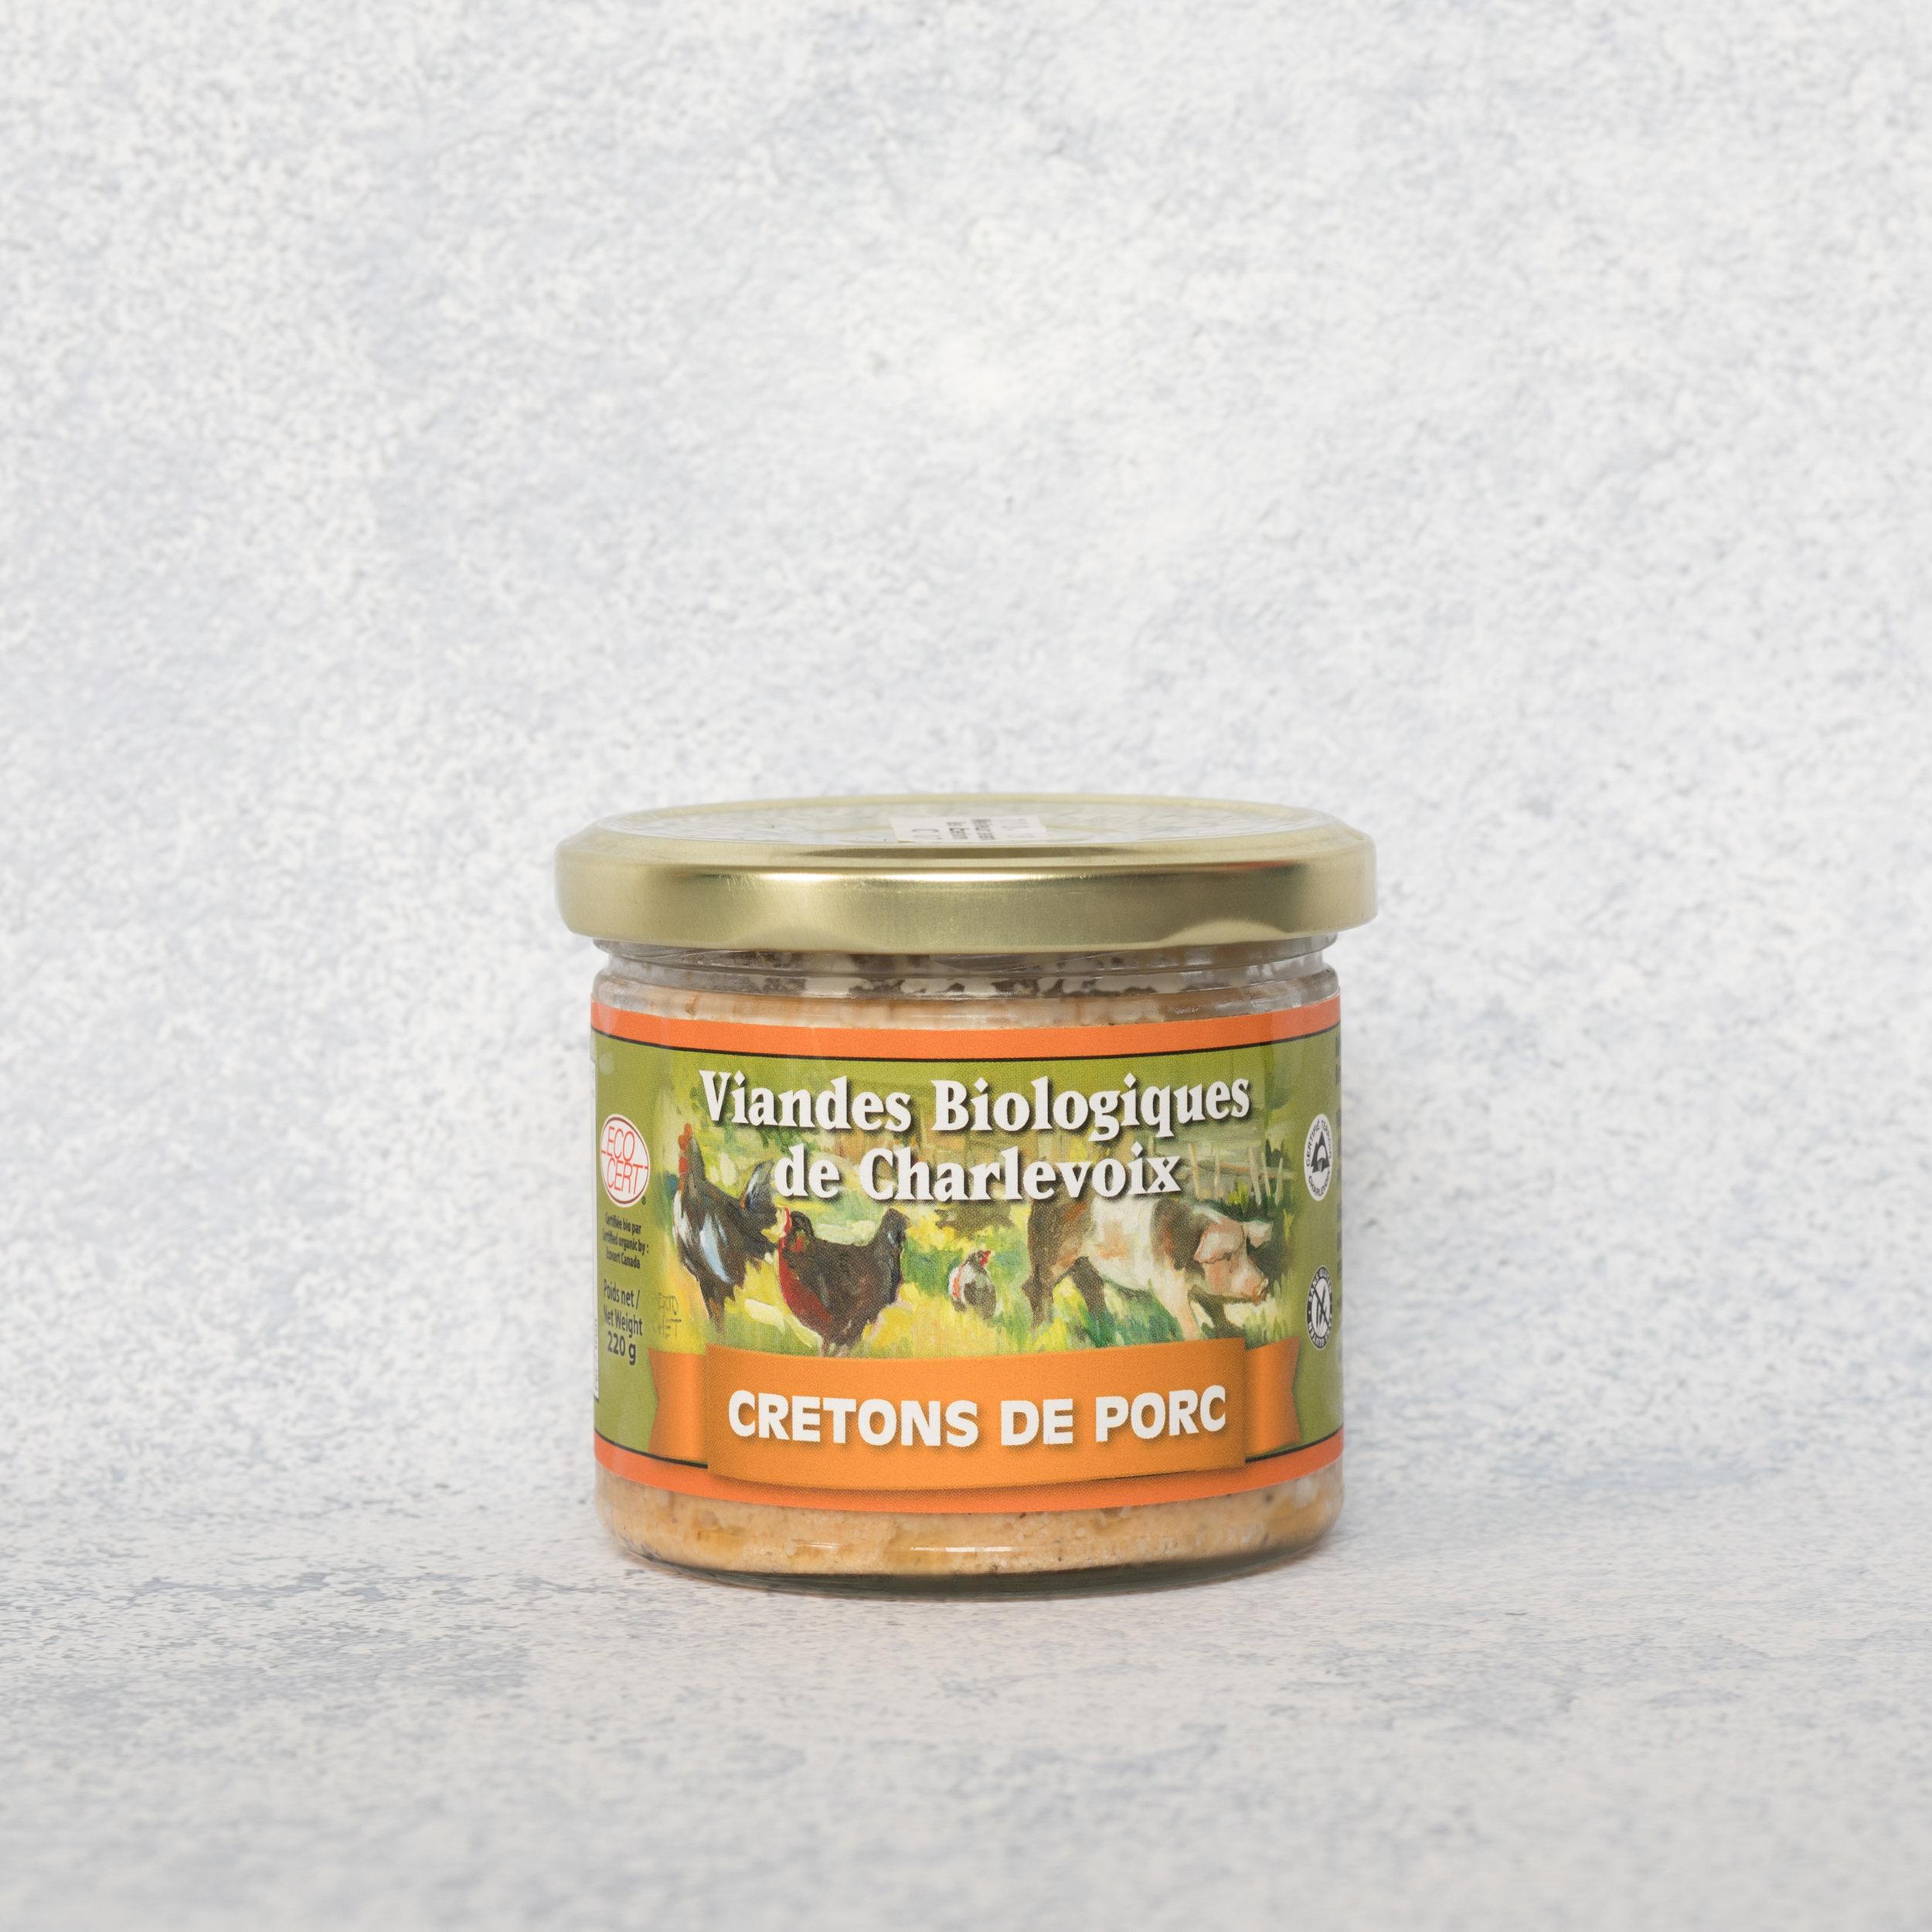 Cretons de porc - Viandes biologiques de Charlevoix - Des cretons sur les rôties par un petit matin pressé, ça vous dit? Avec les 4g de protéines par cuillère à soupe, vous serez rassasié toute la matinée!